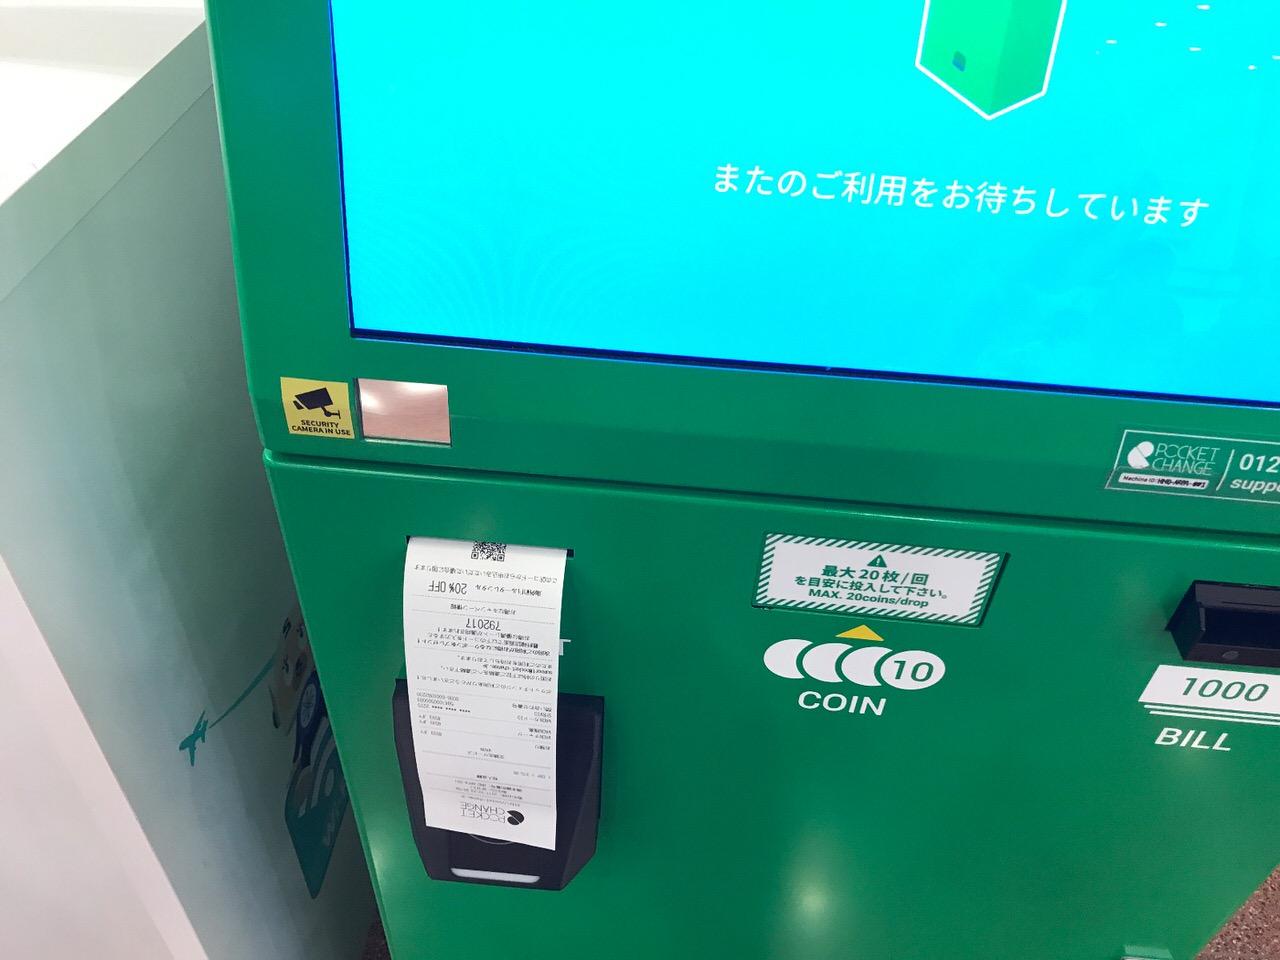 Pocket change 9418